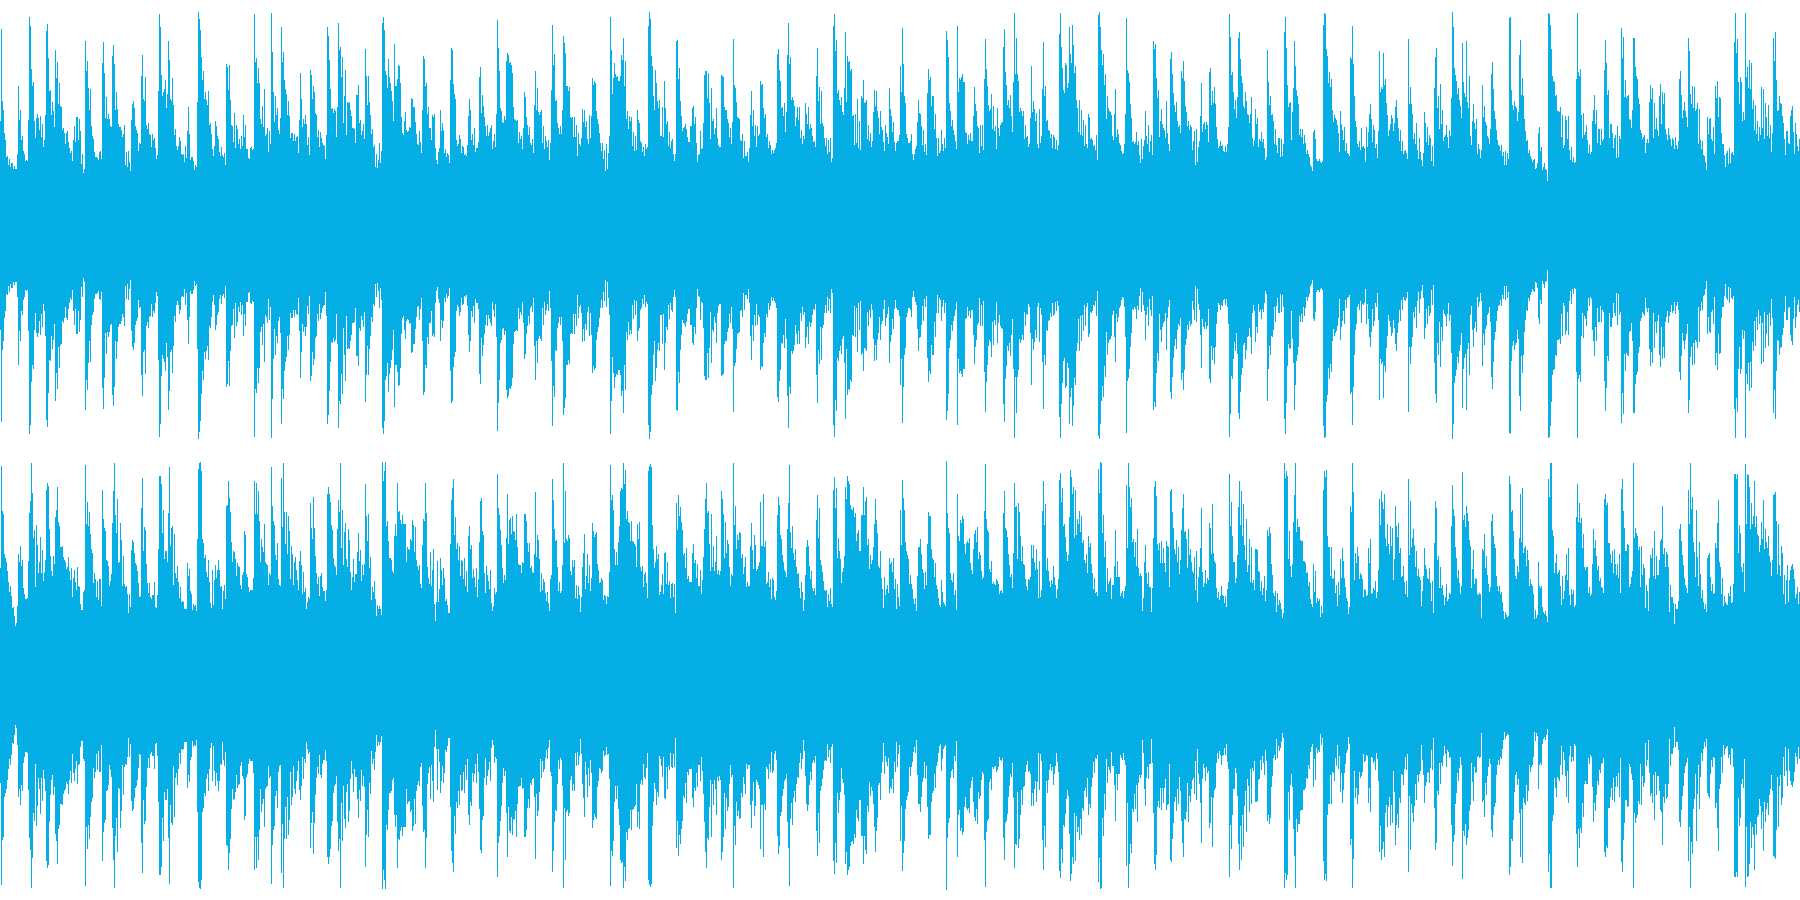 西アフリカ リュート型弦楽器 アップ1の再生済みの波形